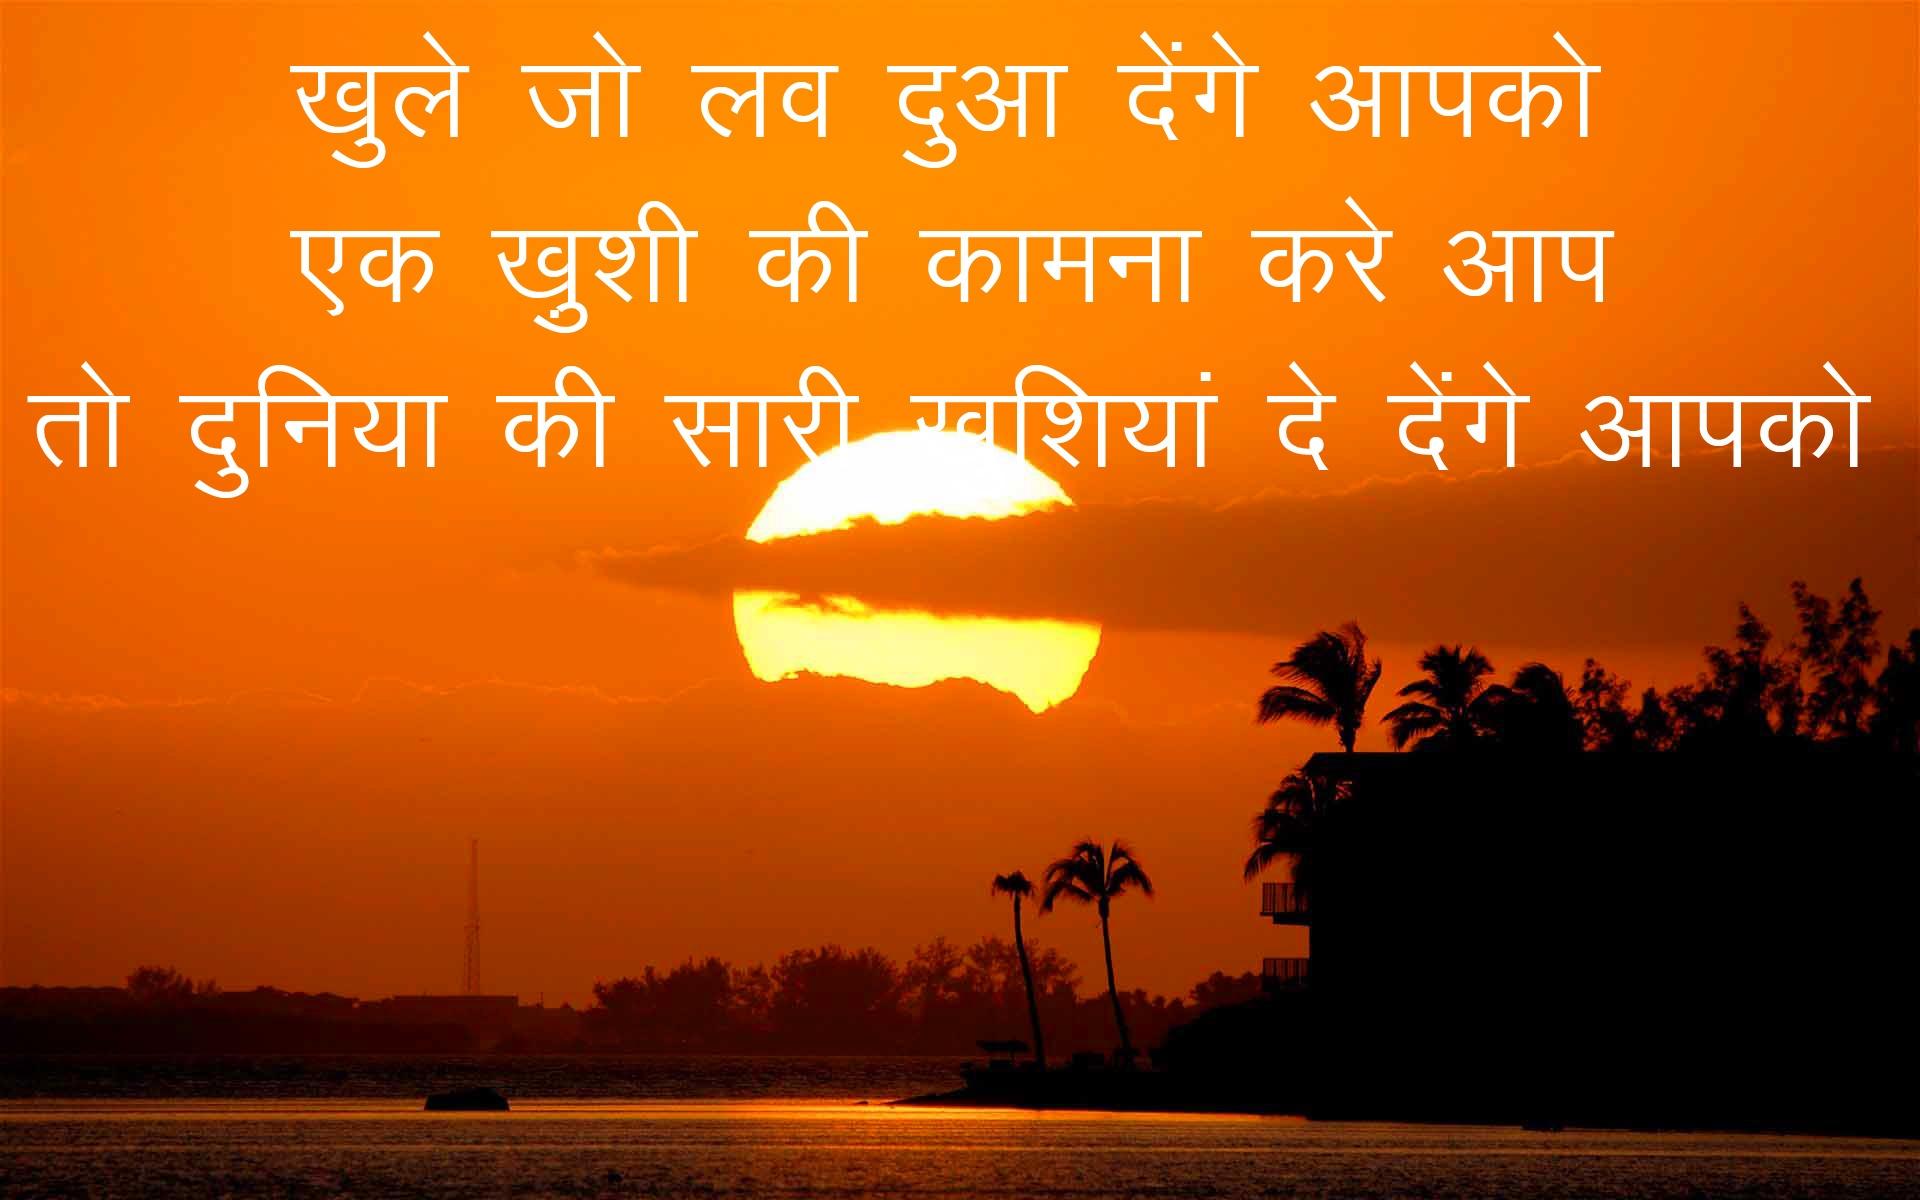 Hindi love Shayari Images Free Download 9